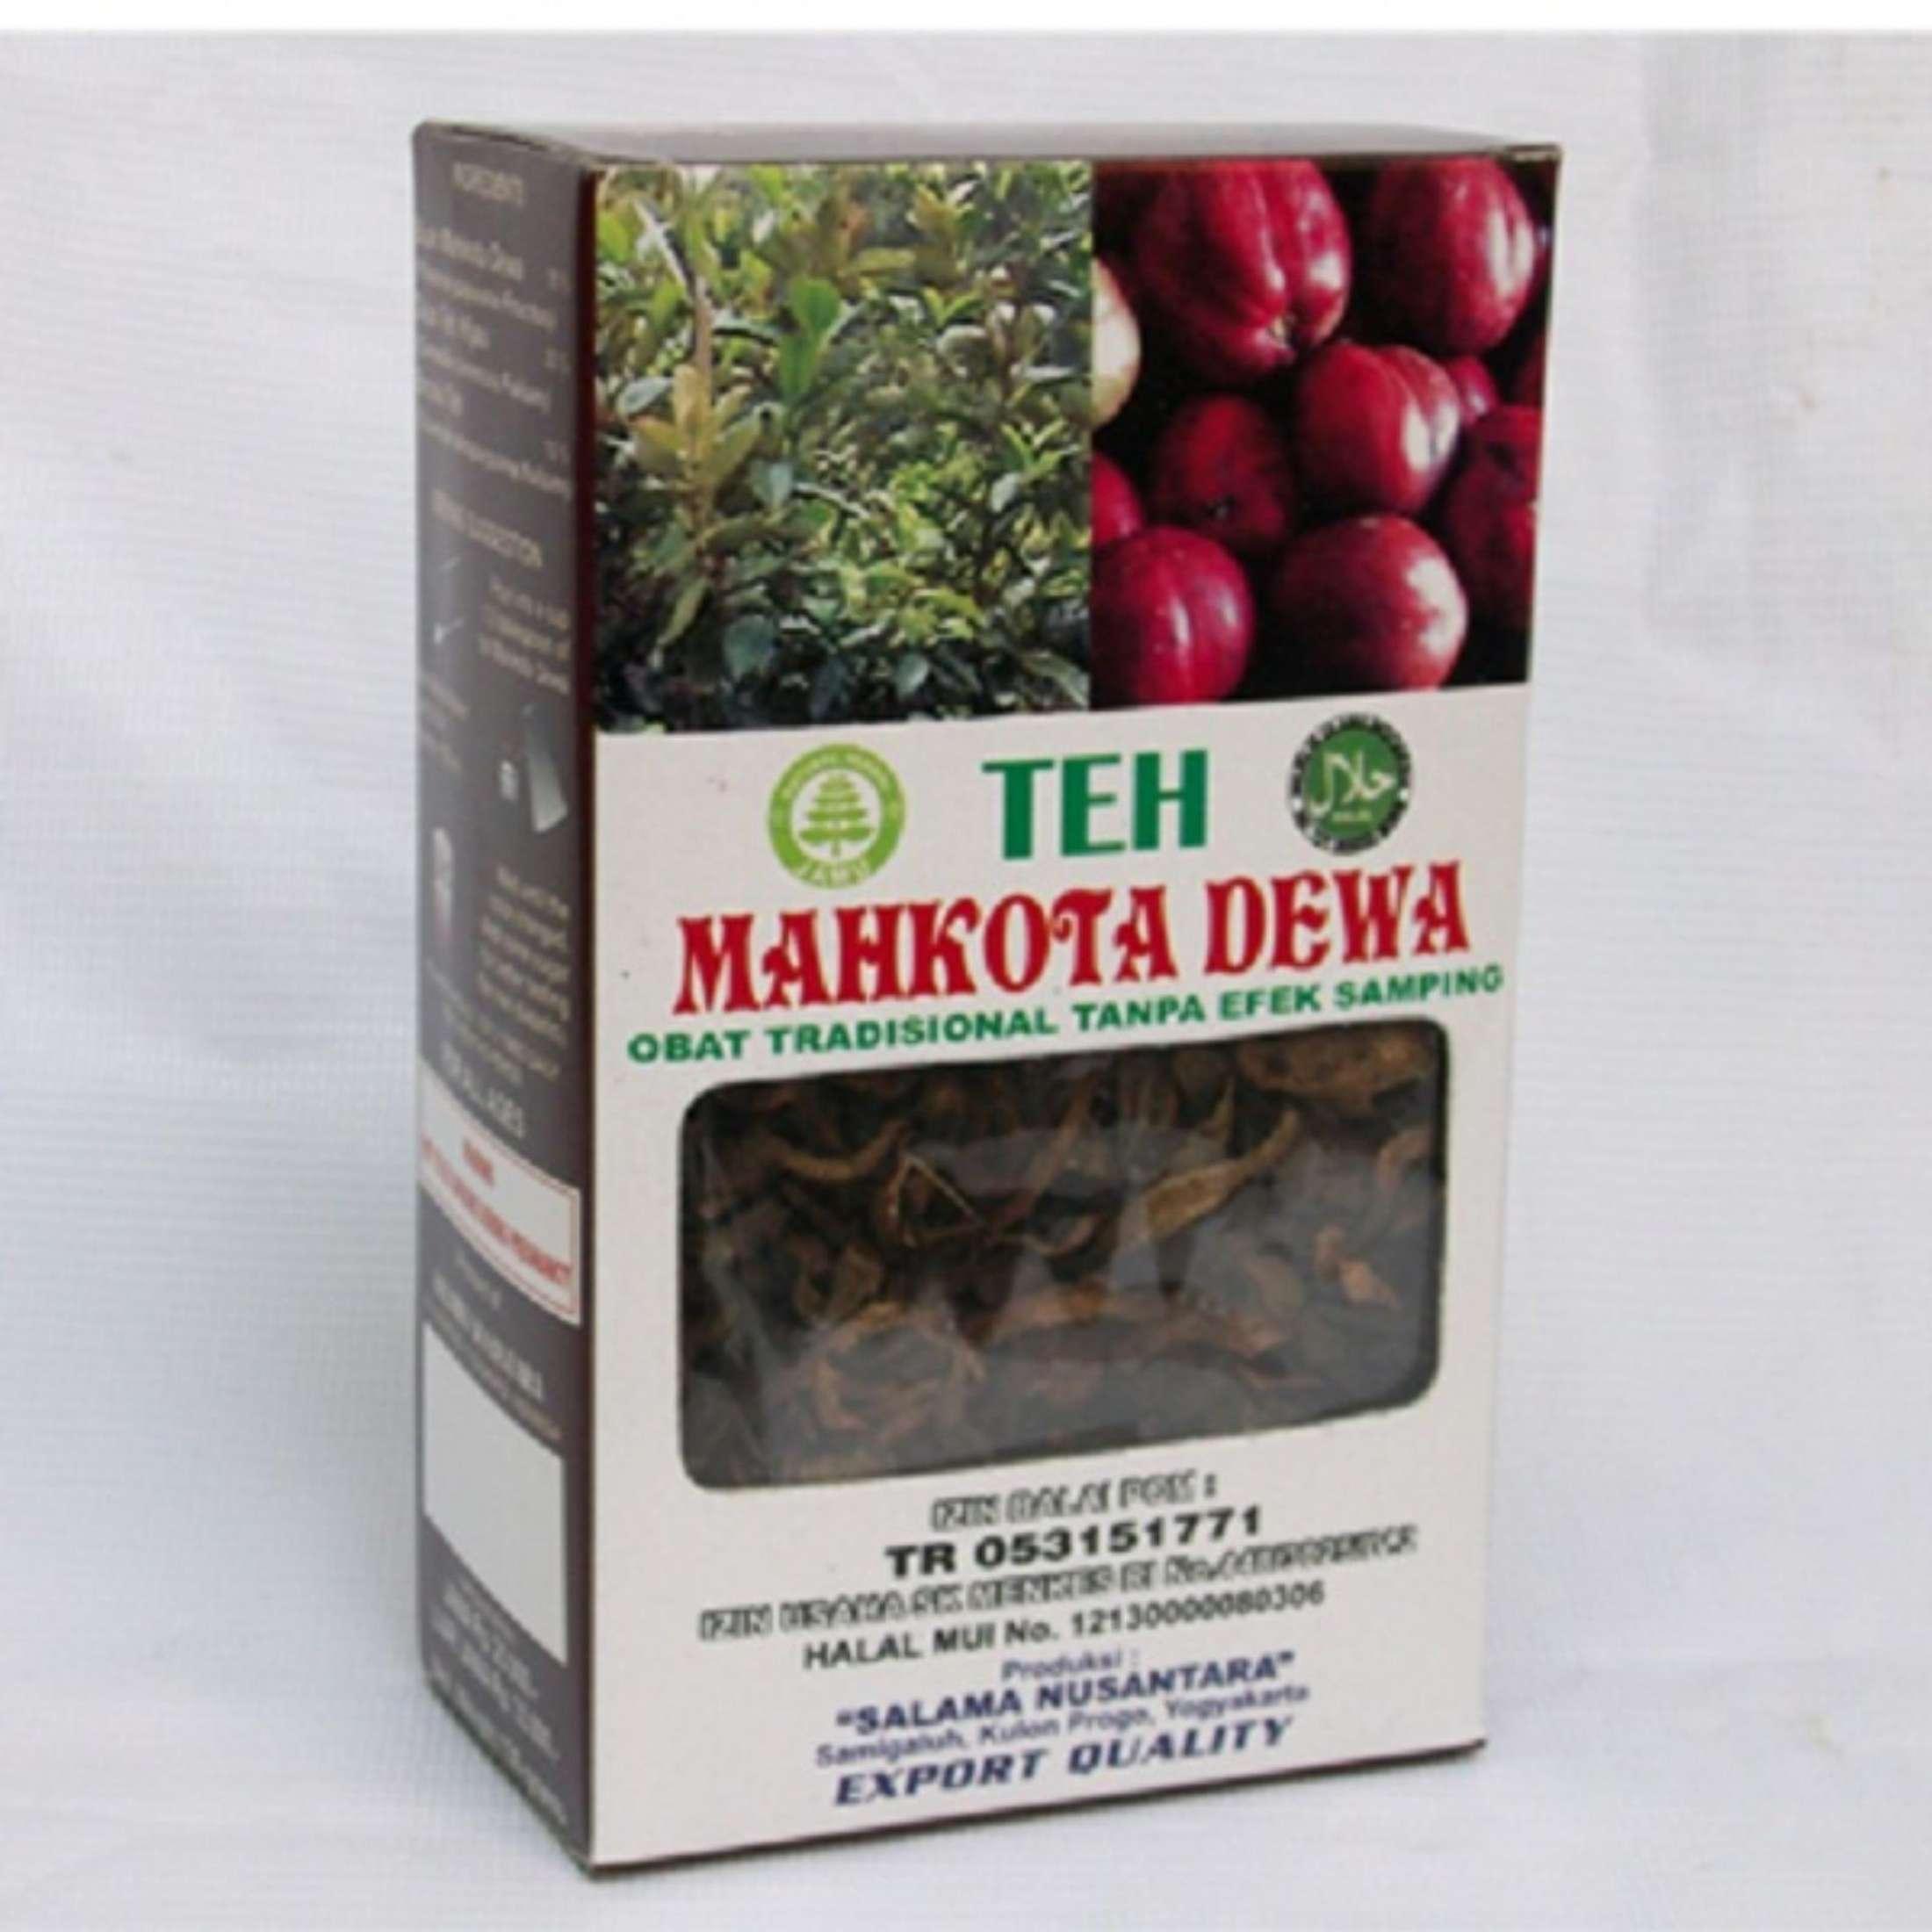 paket 5 box teh seduh mahkota dewa salama yogyakarta @130gr